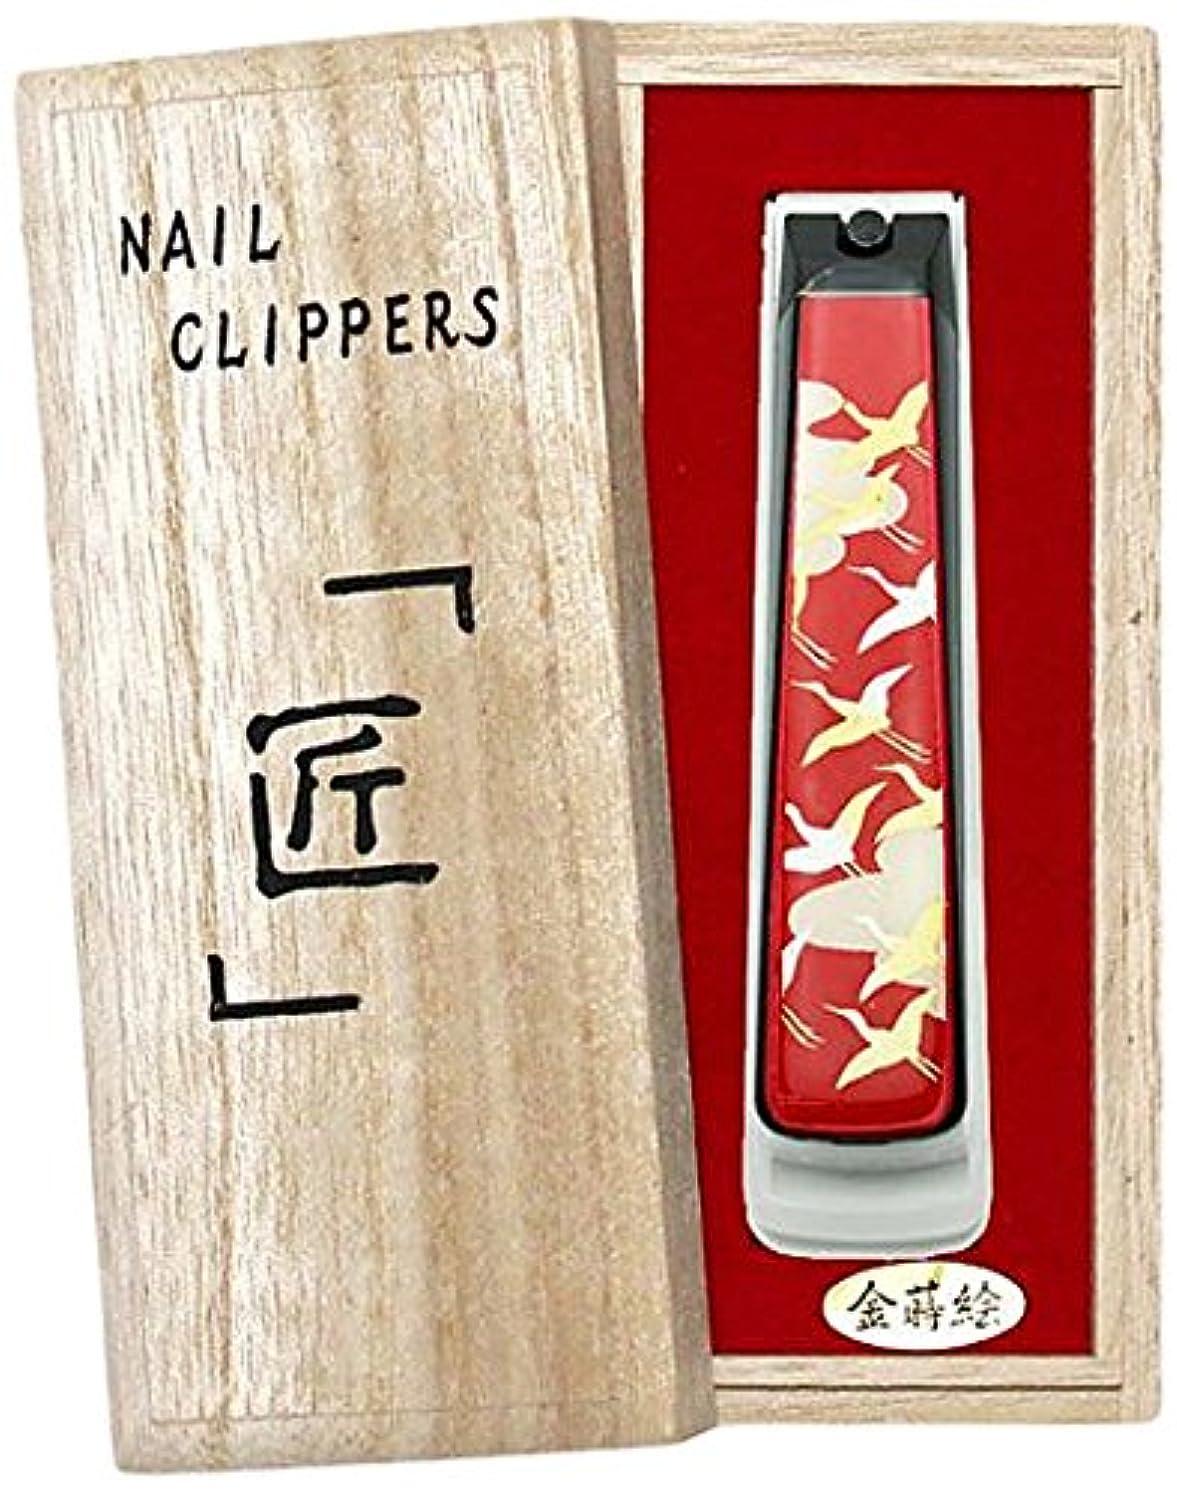 マッシュ君主制傾向があります橋本漆芸 蒔絵爪切り ミニサイズ 千羽鶴 桐箱